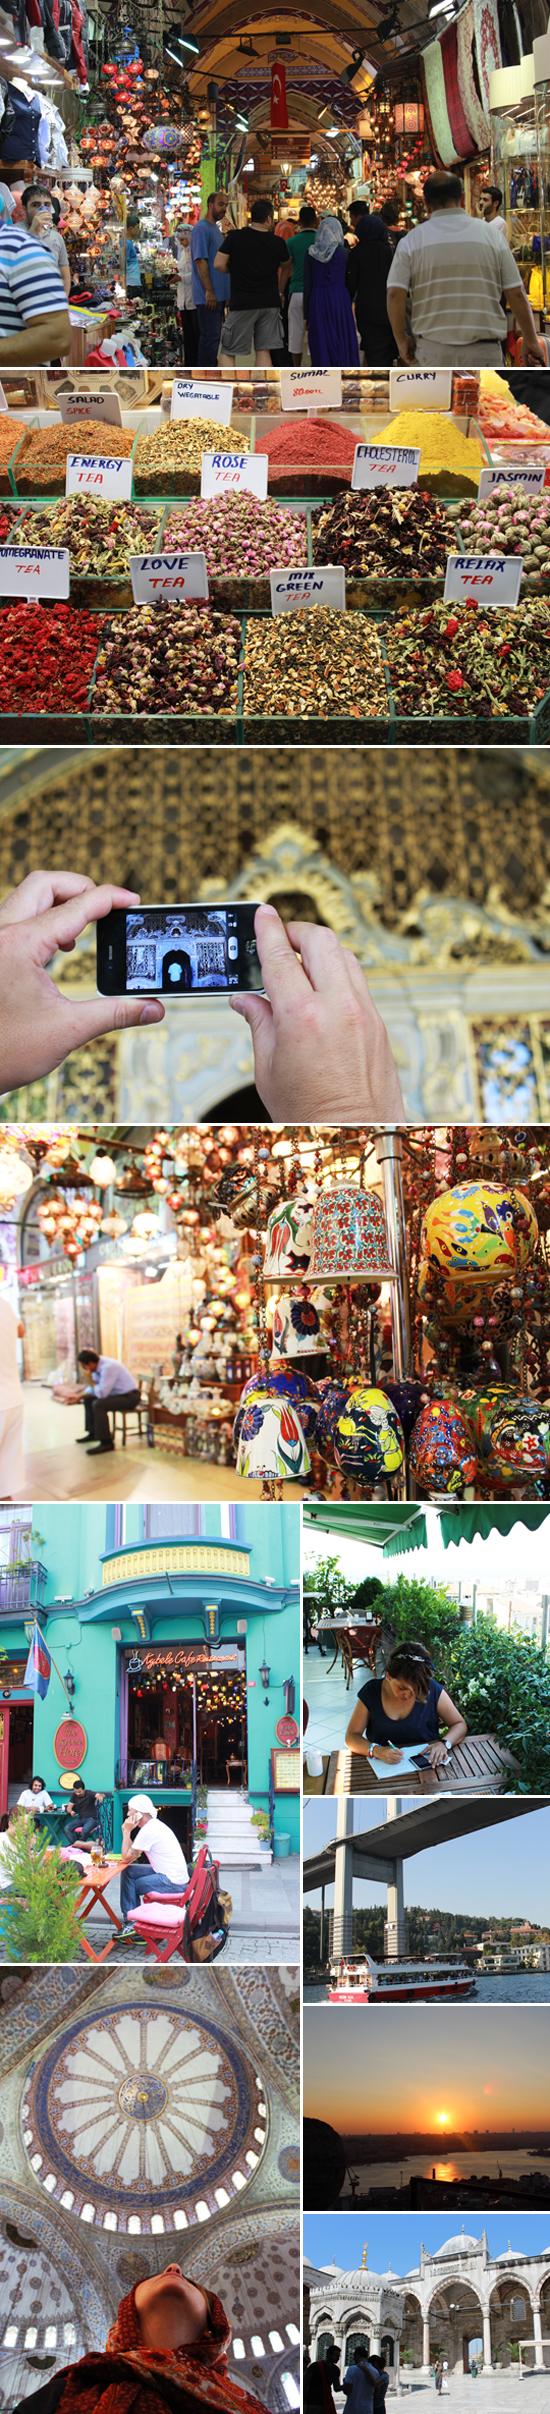 turchia_istanbul_diario_di_viaggio_consigli